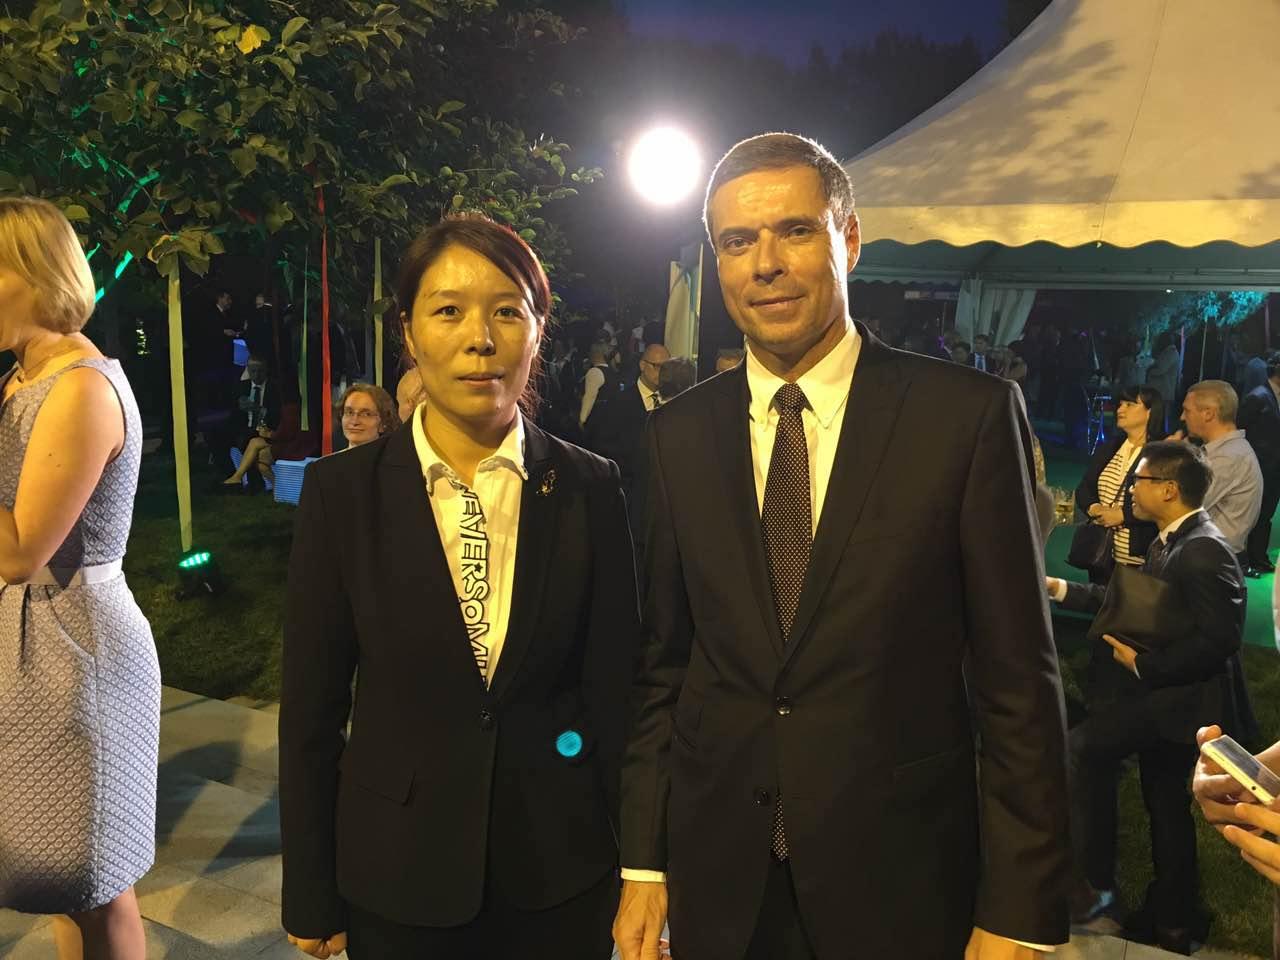 德国驻华大使柯慕贤与组委会秘书长崔江红